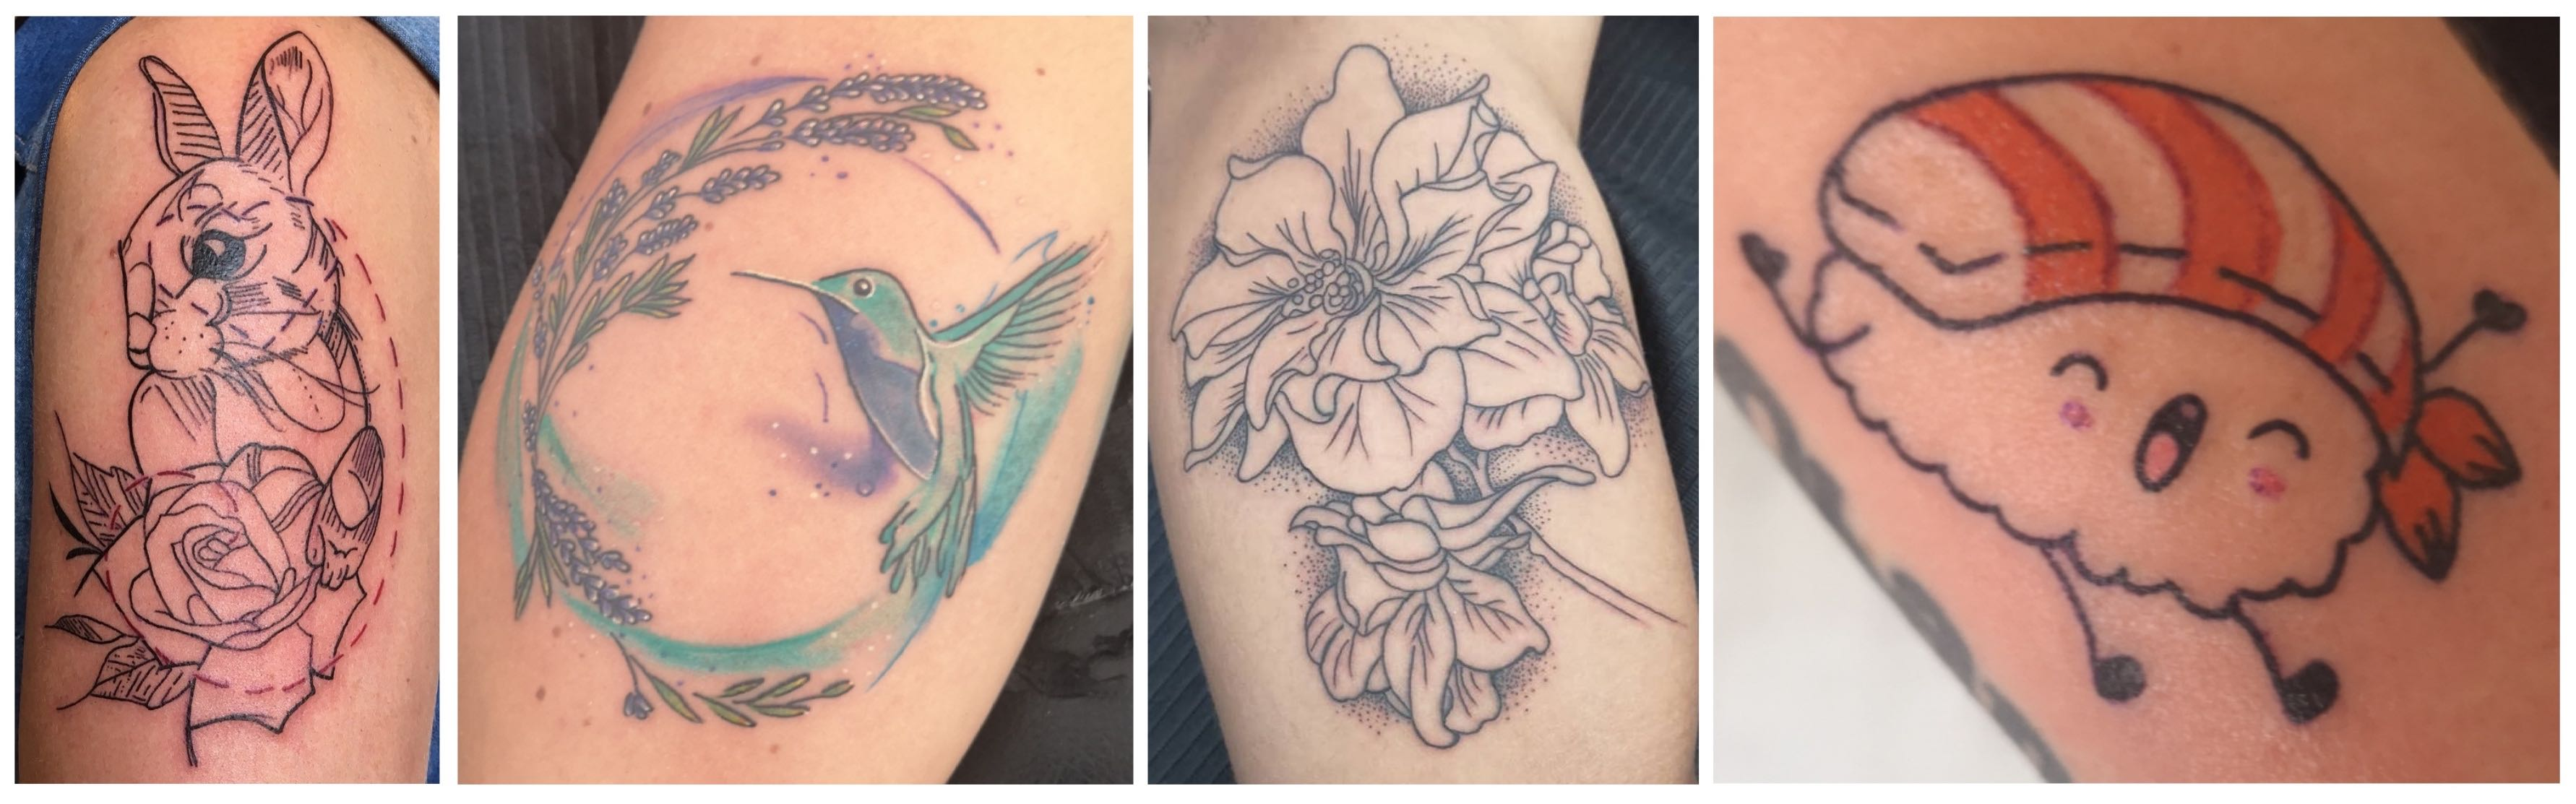 Tattoos done by Bronwyn Washer